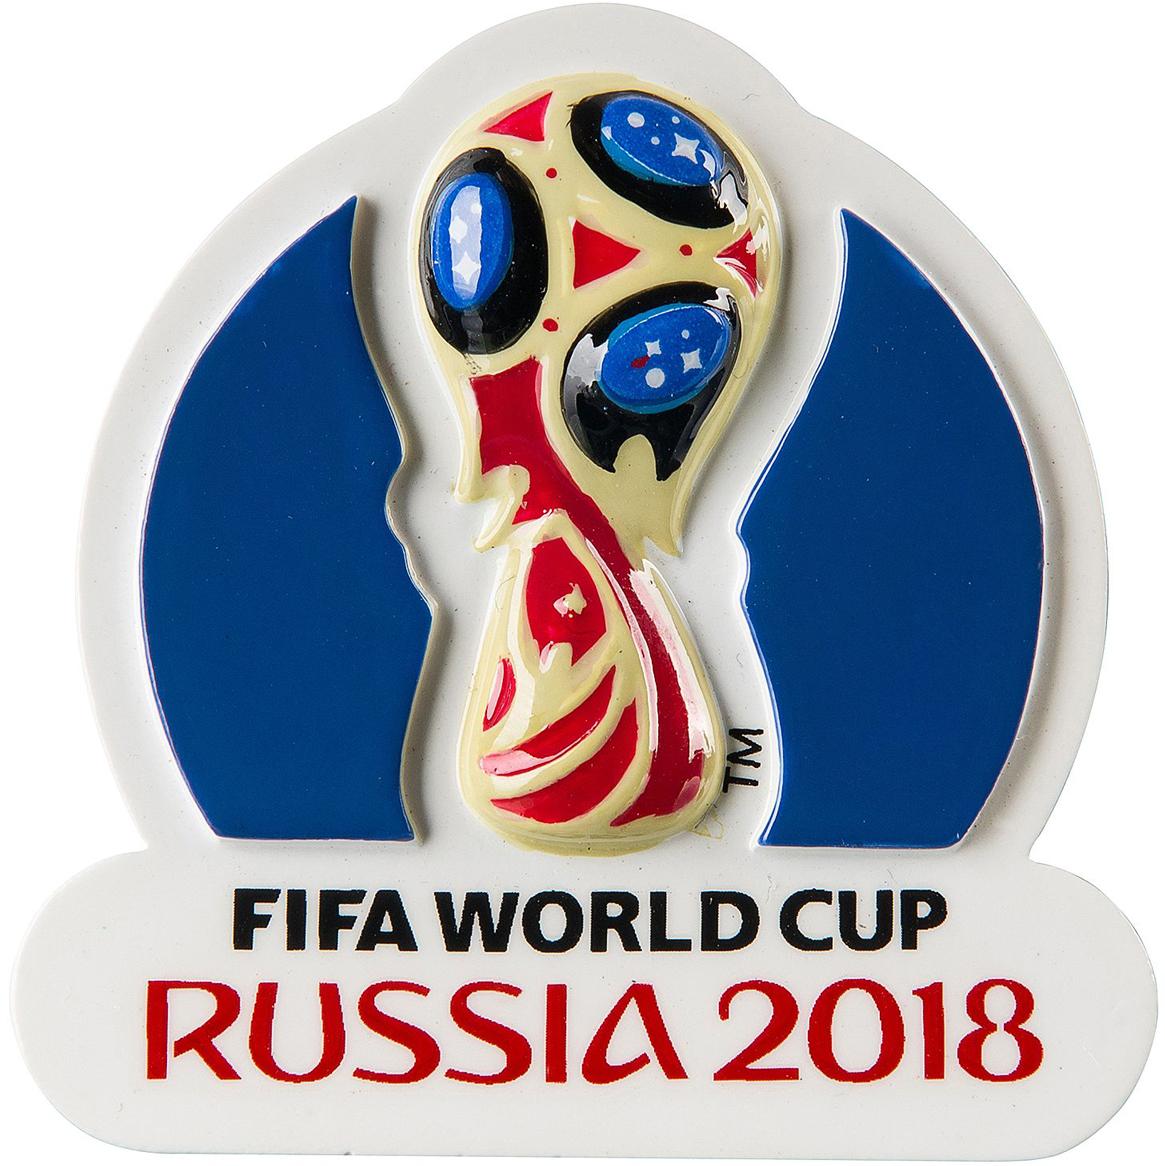 """Магнит FIFA 2018 """"Кубок"""" - сувенир для поклонников футбола. Отличный подарок на память о Чемпионате Мира 2018."""